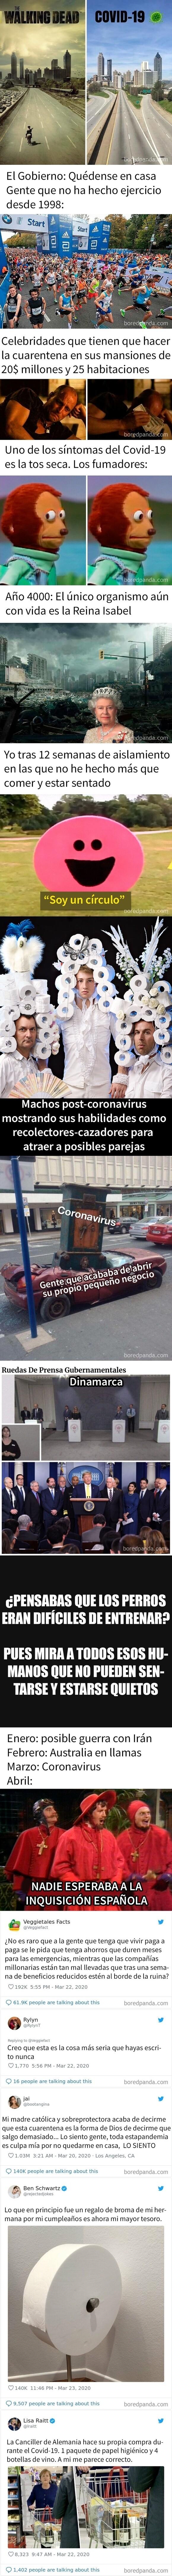 9278 - Bromas sobre la crisis del Coronavirus para ayudarte durante la cuarentena